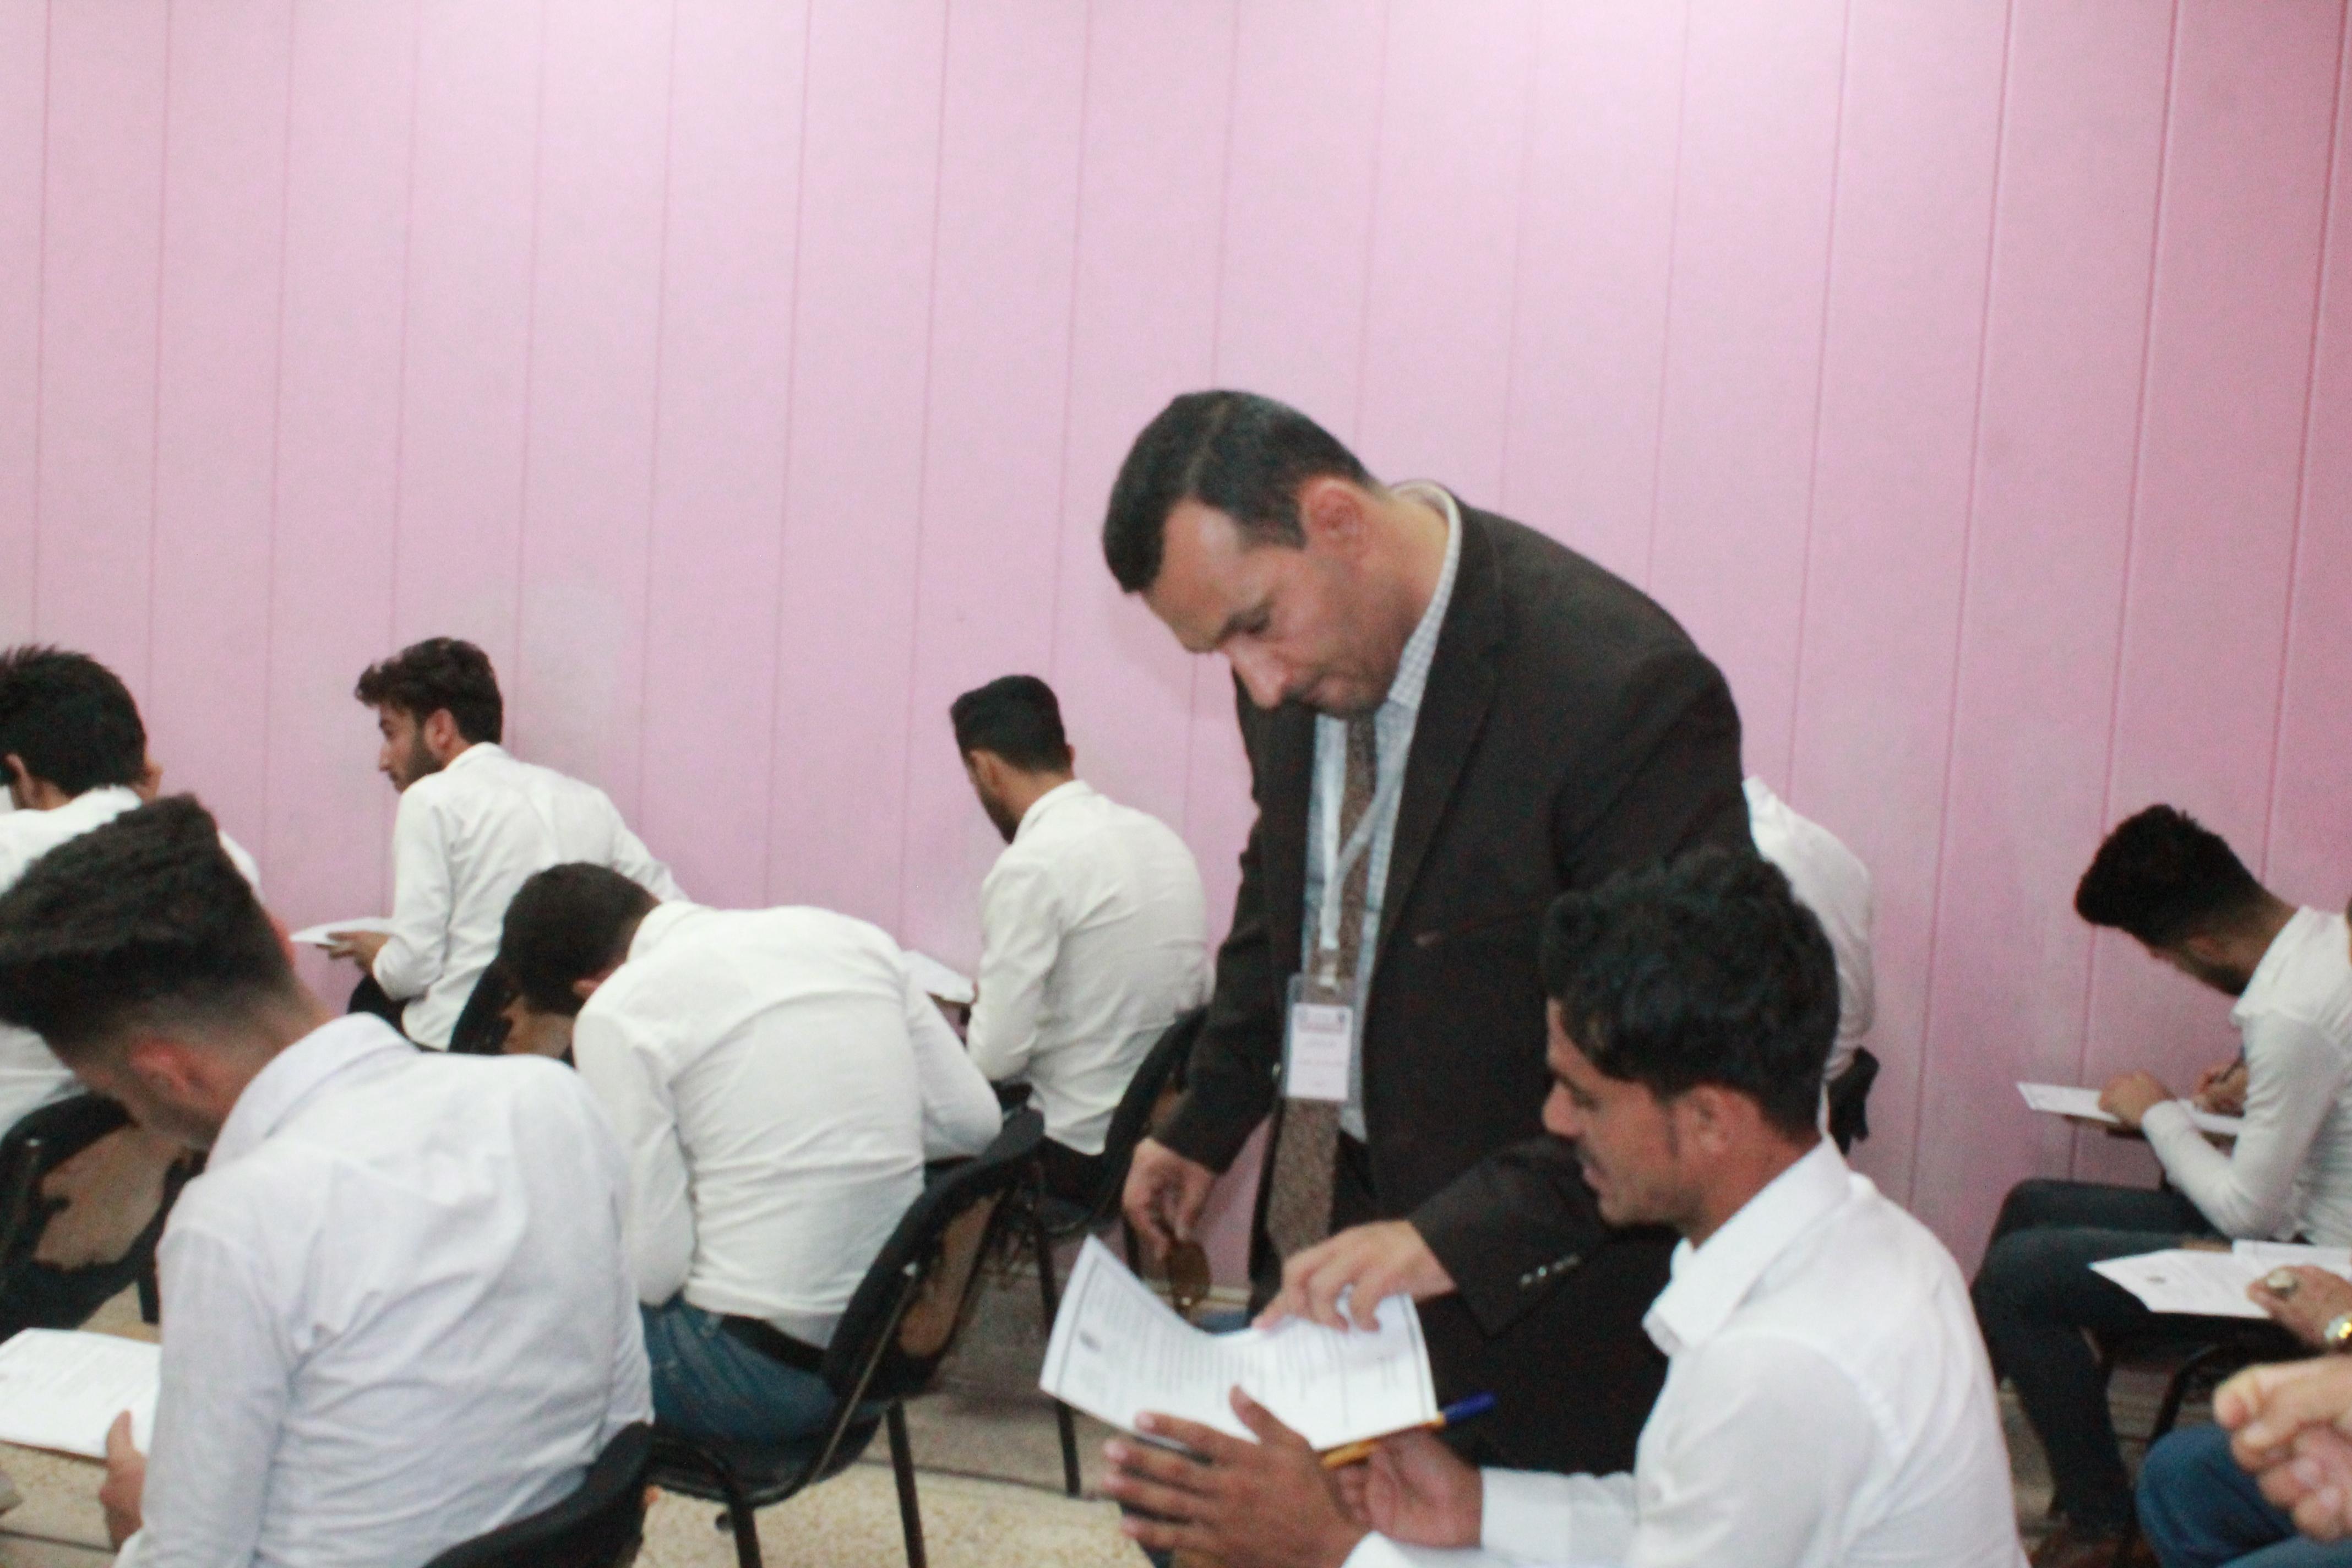 زيارة اللجنة الوزارية للامتحانات النهائية للعام 2018-2019